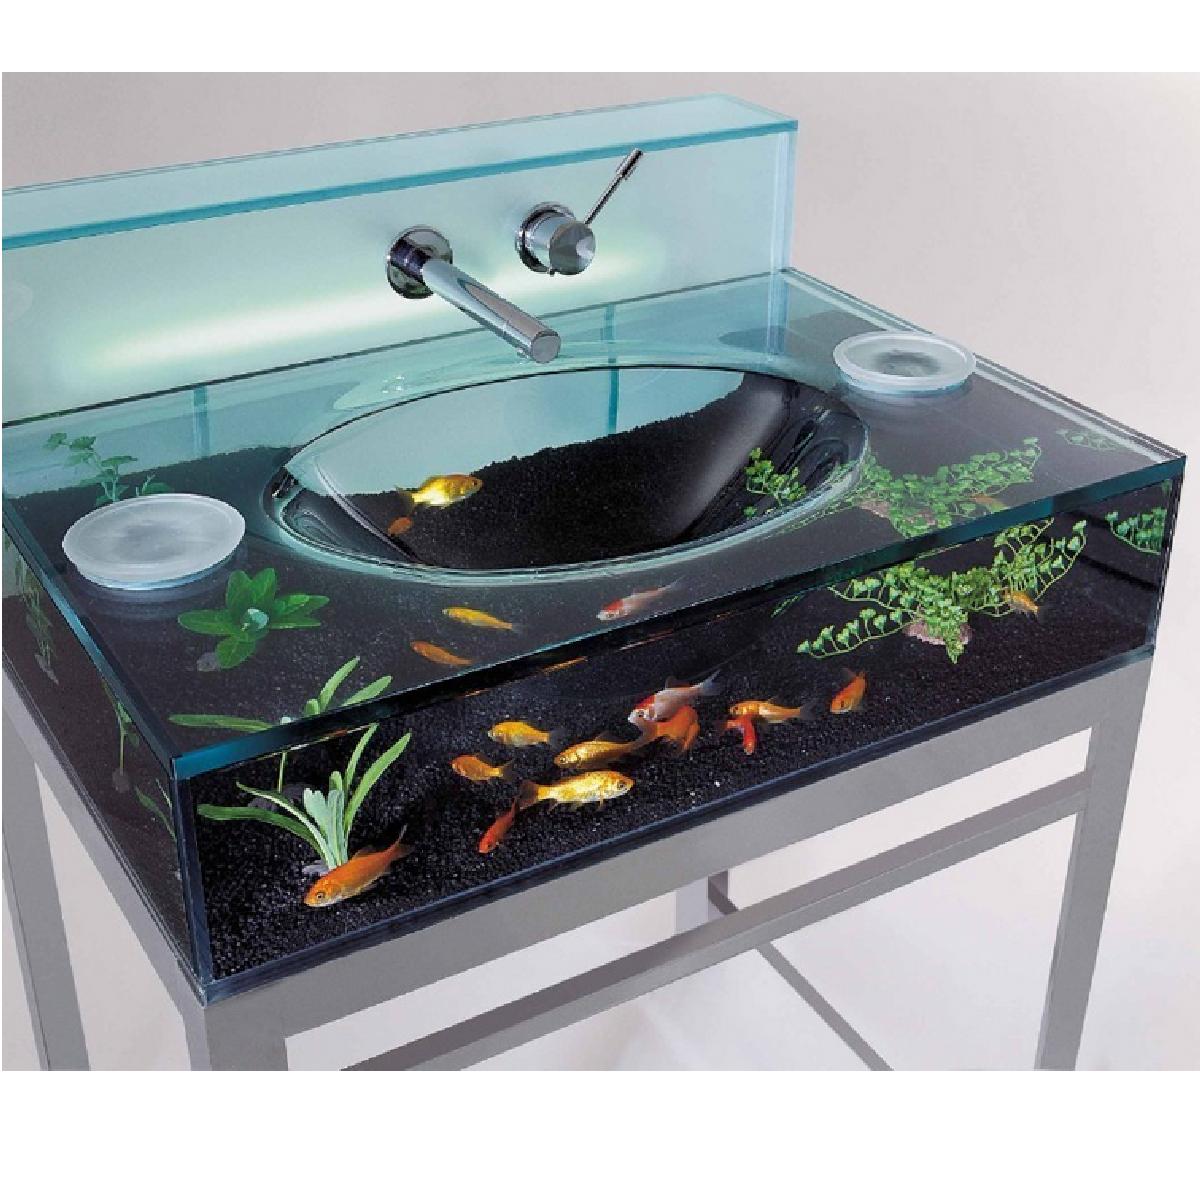 Des Aquariums Insolites Et Originaux Gadgets Et Cadeaux Insolites